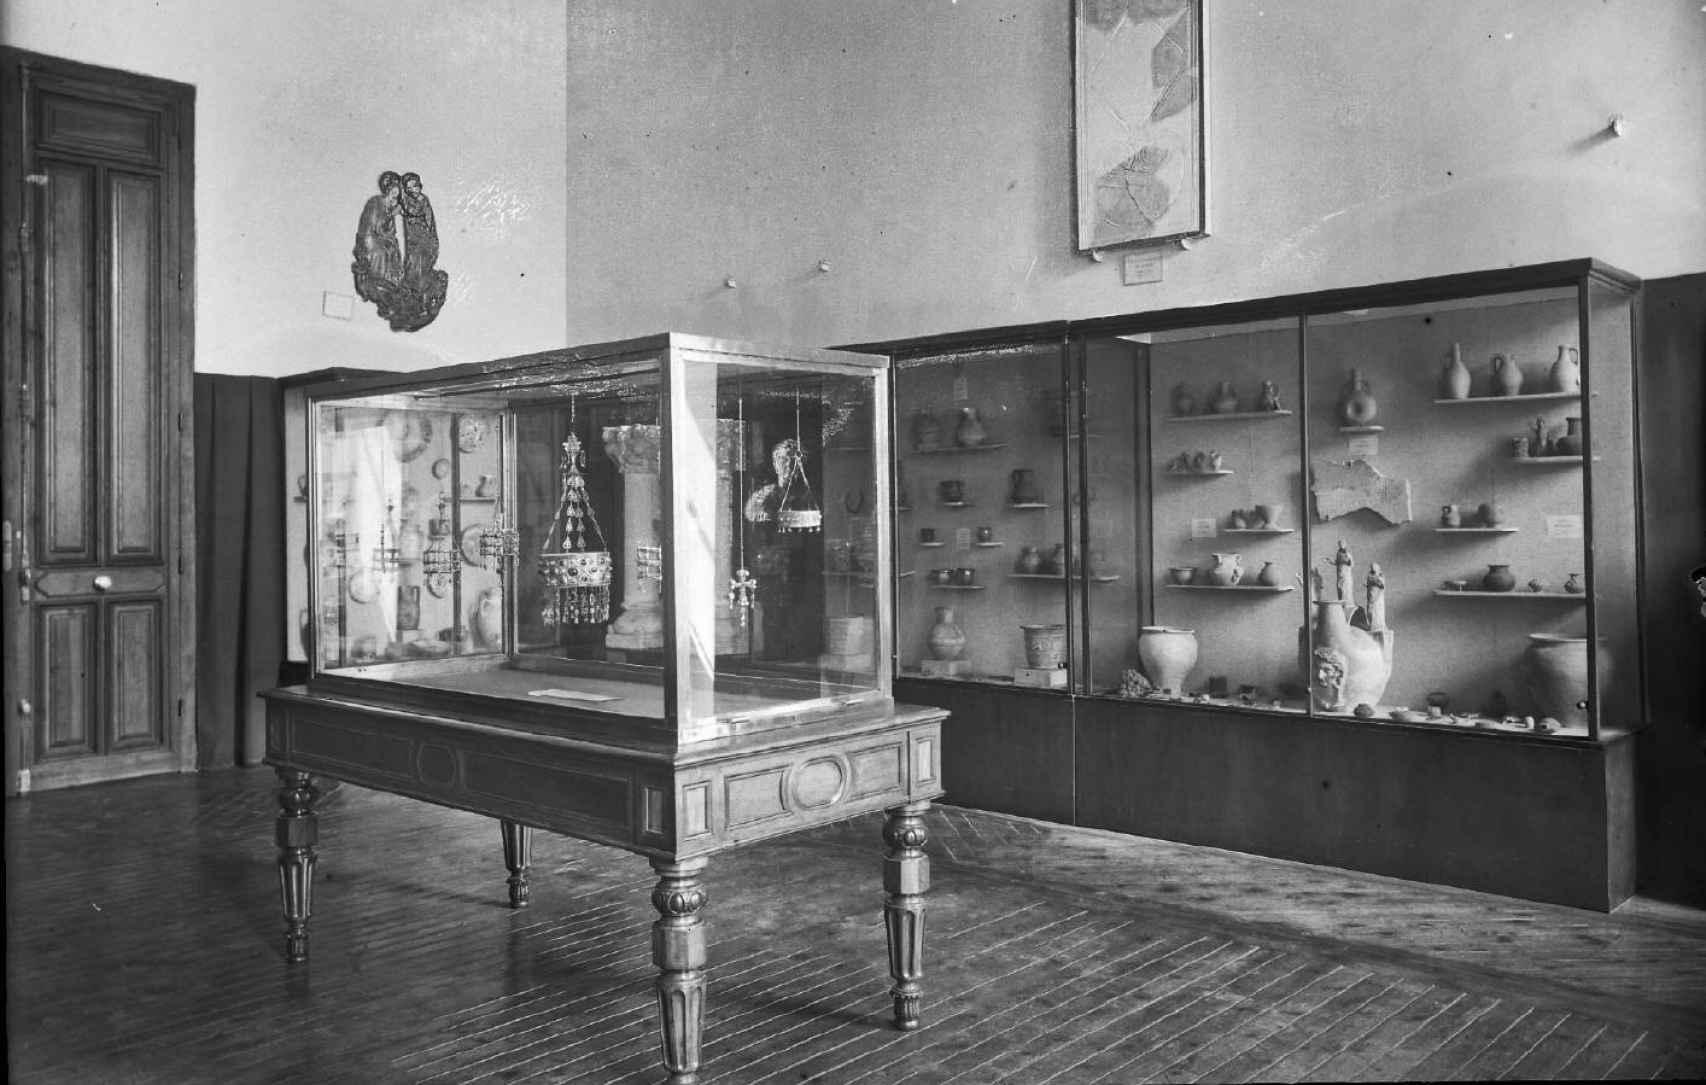 Vitrina del Tesoro de Guarrazar en el MAN en una sala inaugurada en 1943.